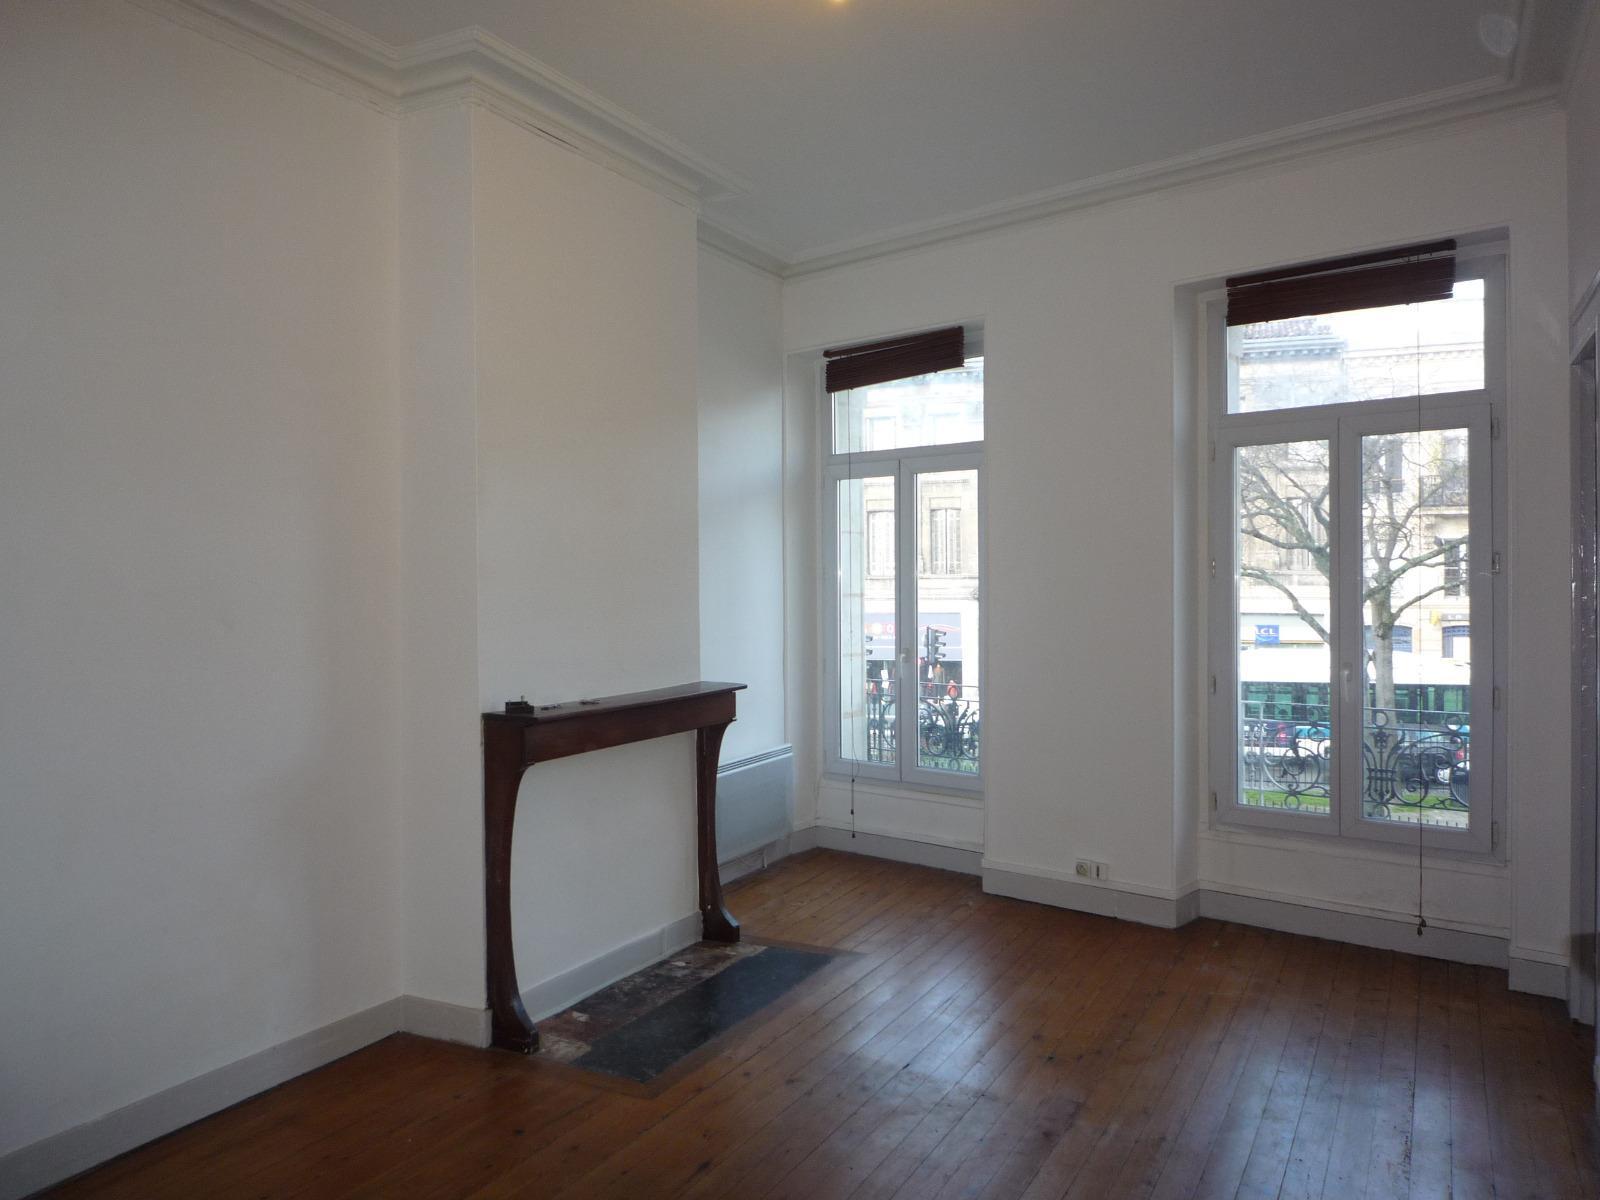 Location appartement t2 de 40m place picard chartrons for Appartement bordeaux chartrons t2